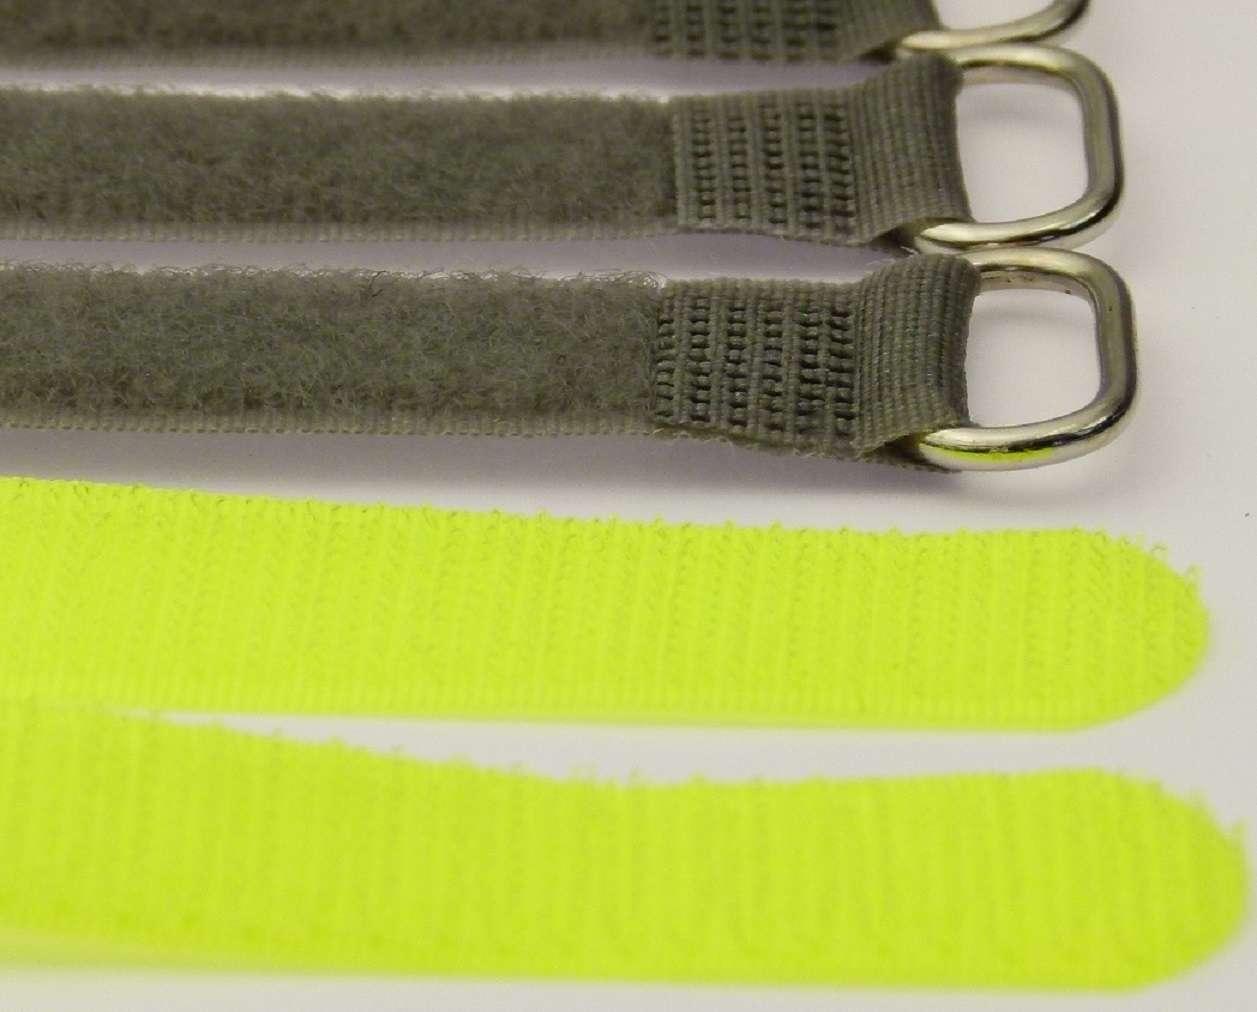 40x Kabelbinder Kabelklett 30 cm x 20 mm neon gelb FK Klettband Klettkabelbinder